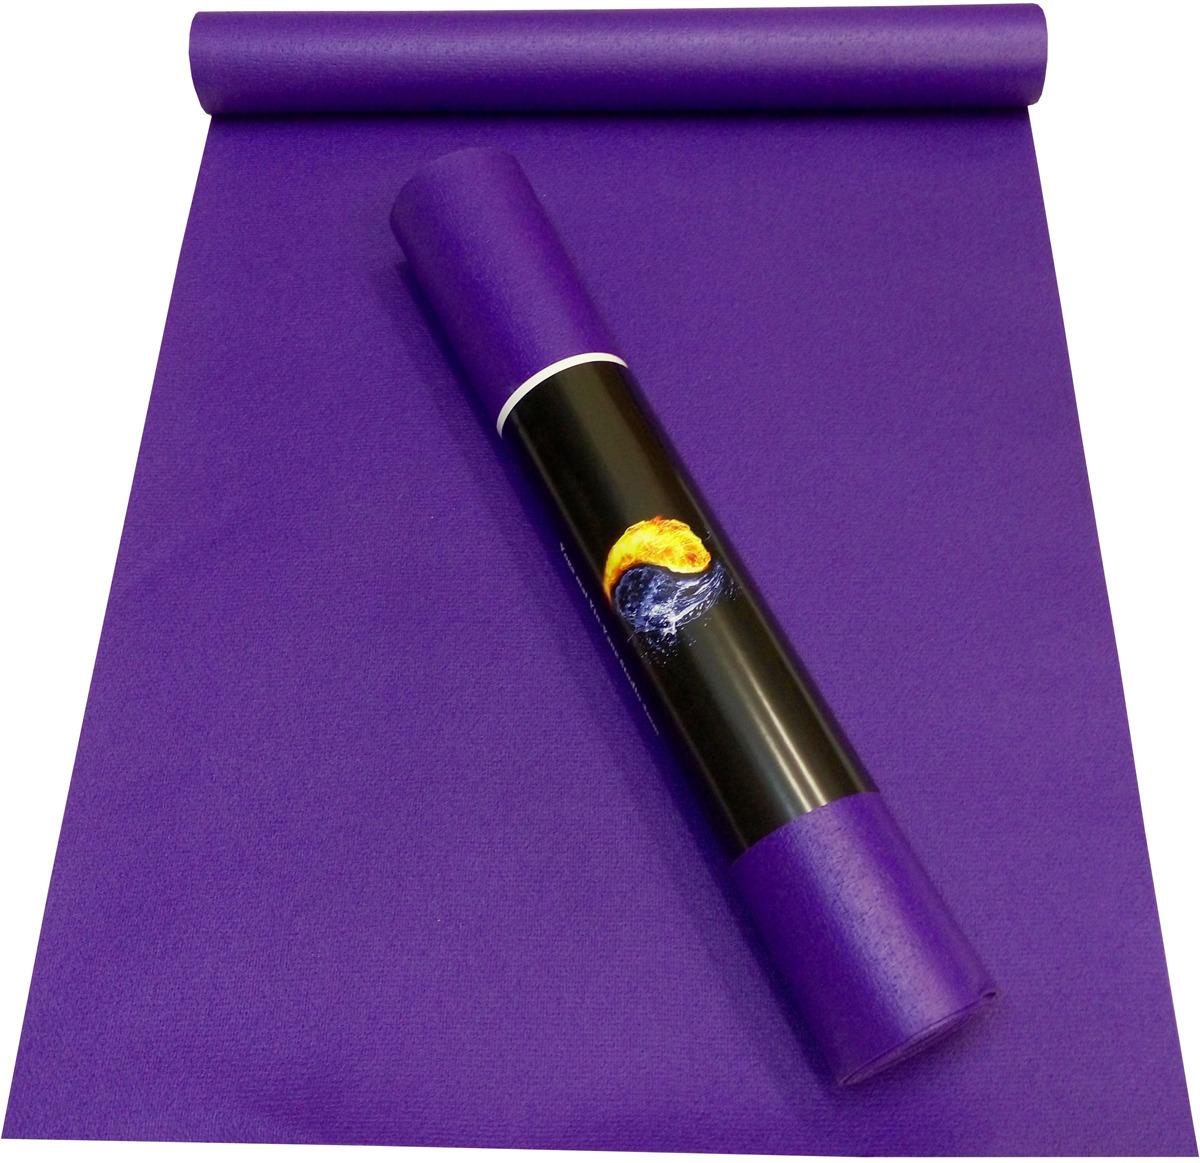 Коврик для йоги детский Ako-Yoga Yin-Yang Studio, цвет: фиолетовый, 150 х 60 х 0,3 см коврик для йоги onerun цвет фиолетовый 183 х 61 х 0 4 см